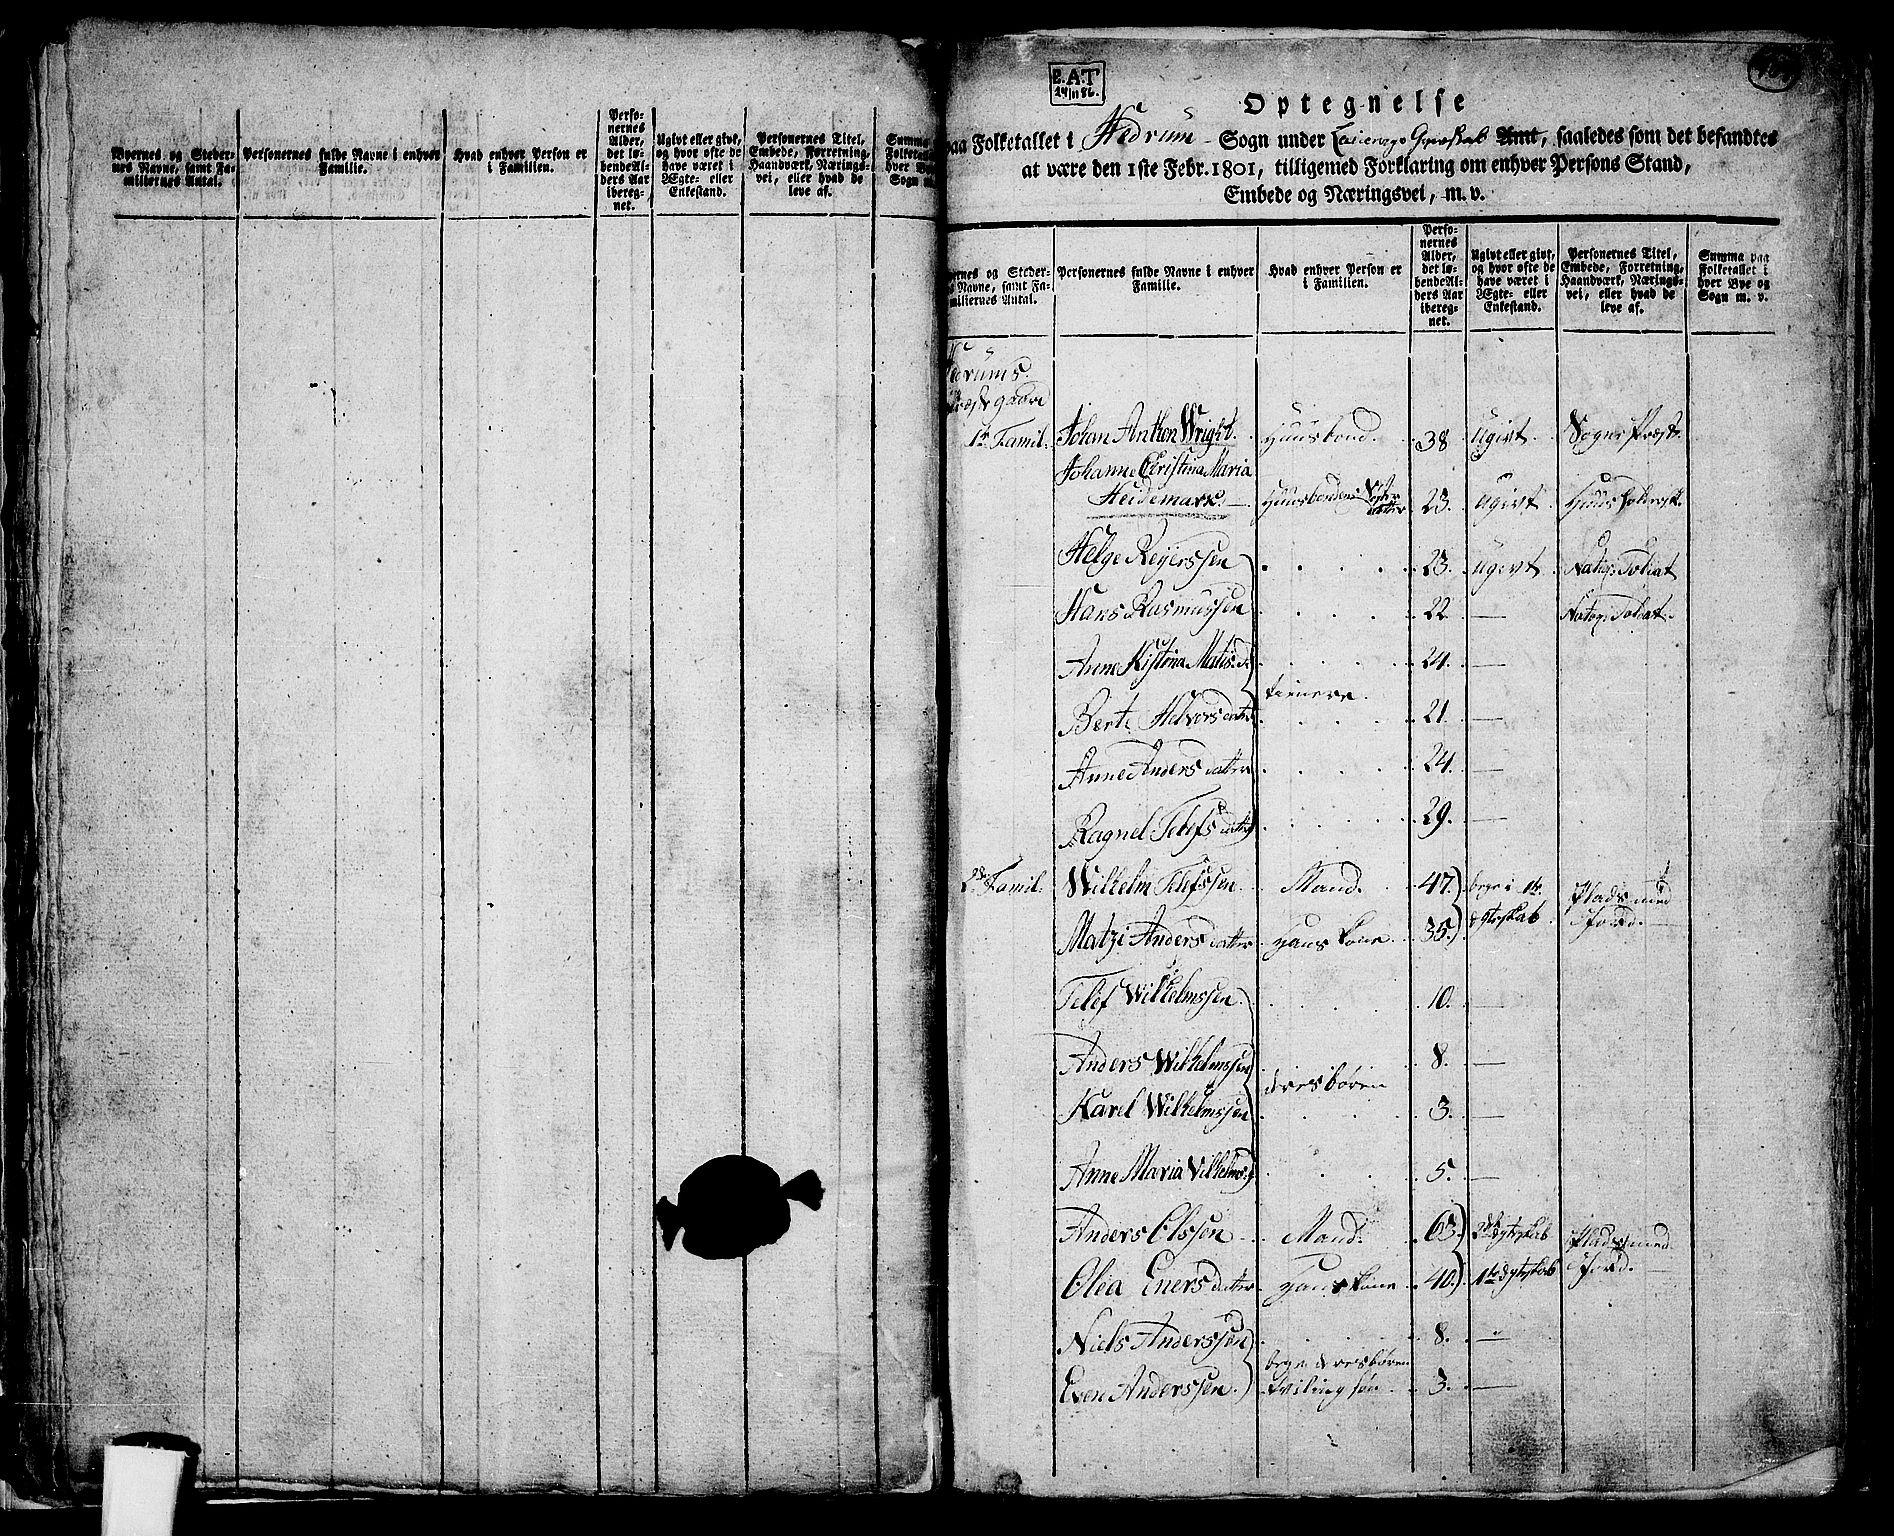 RA, Folketelling 1801 for 0727P Hedrum prestegjeld, 1801, s. 409a